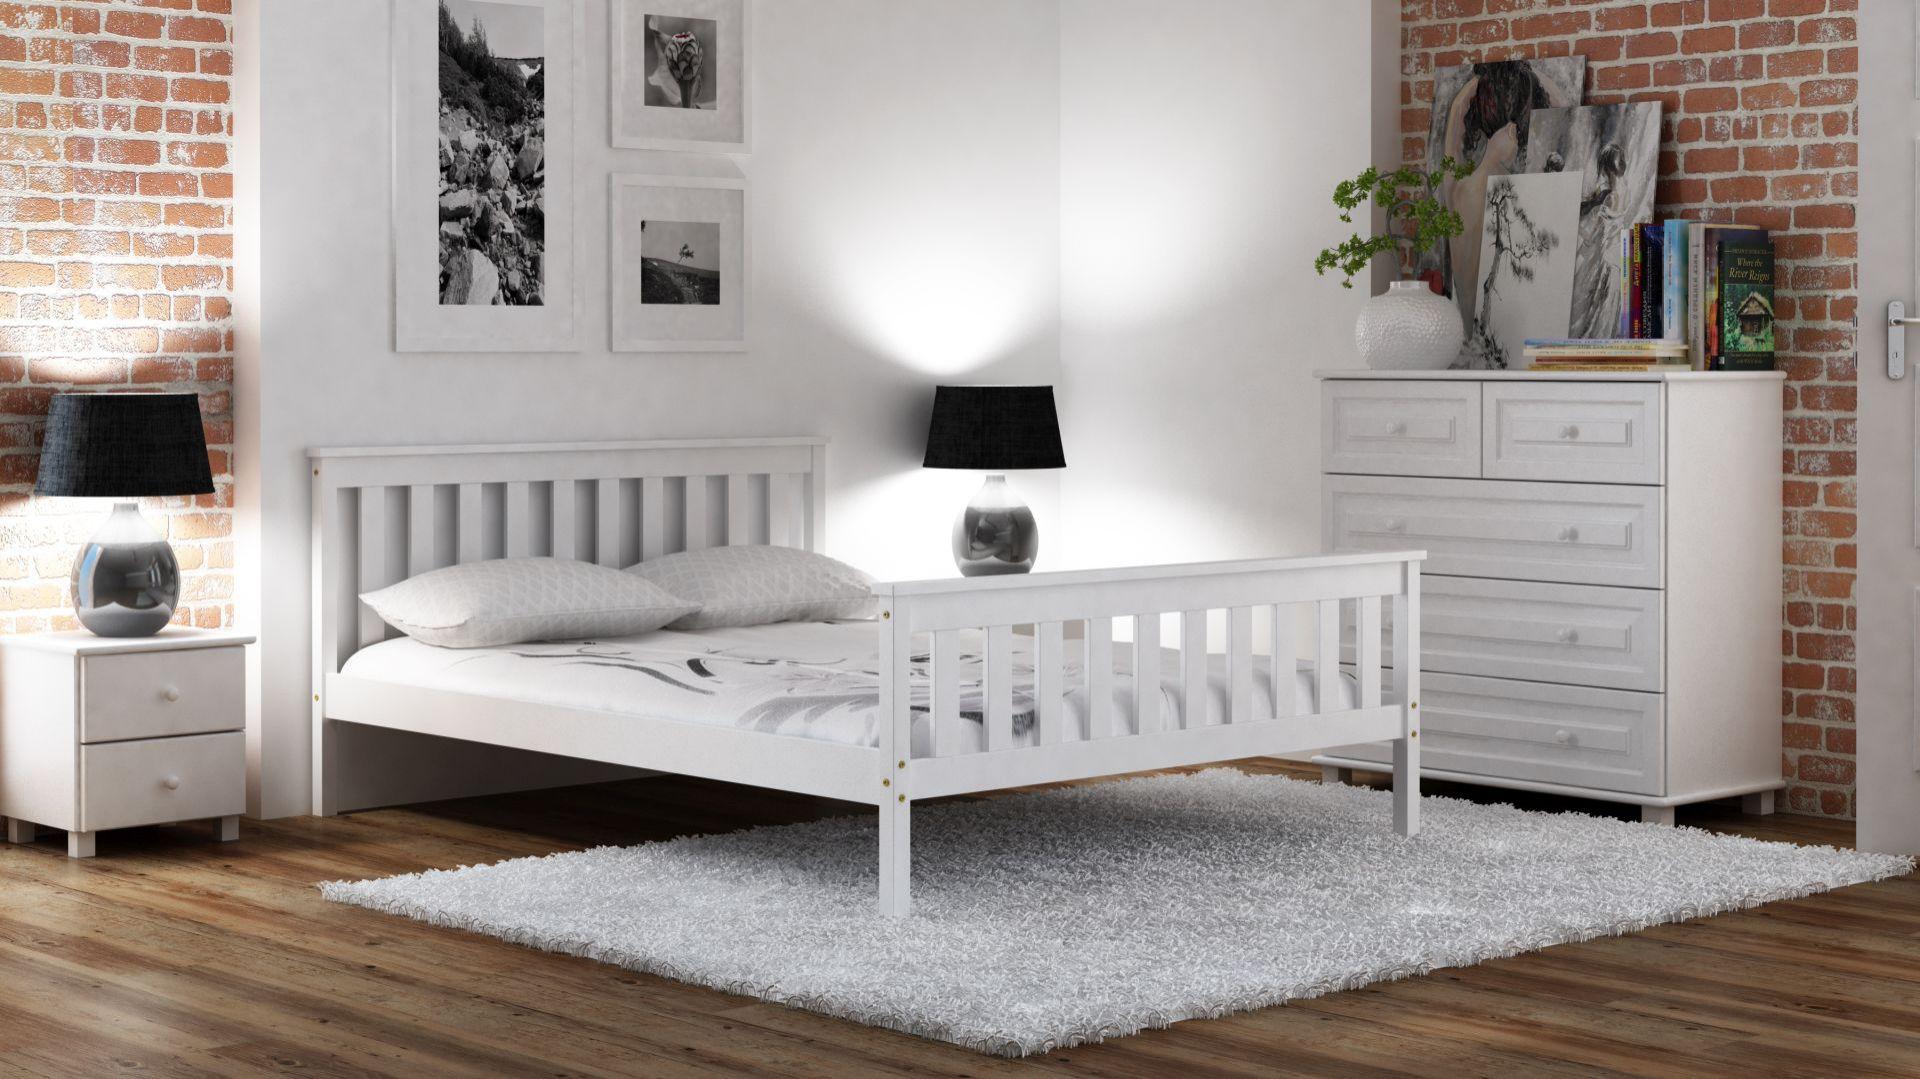 Łóżko Alion w kolorze białym. Fot. Meble Magnat